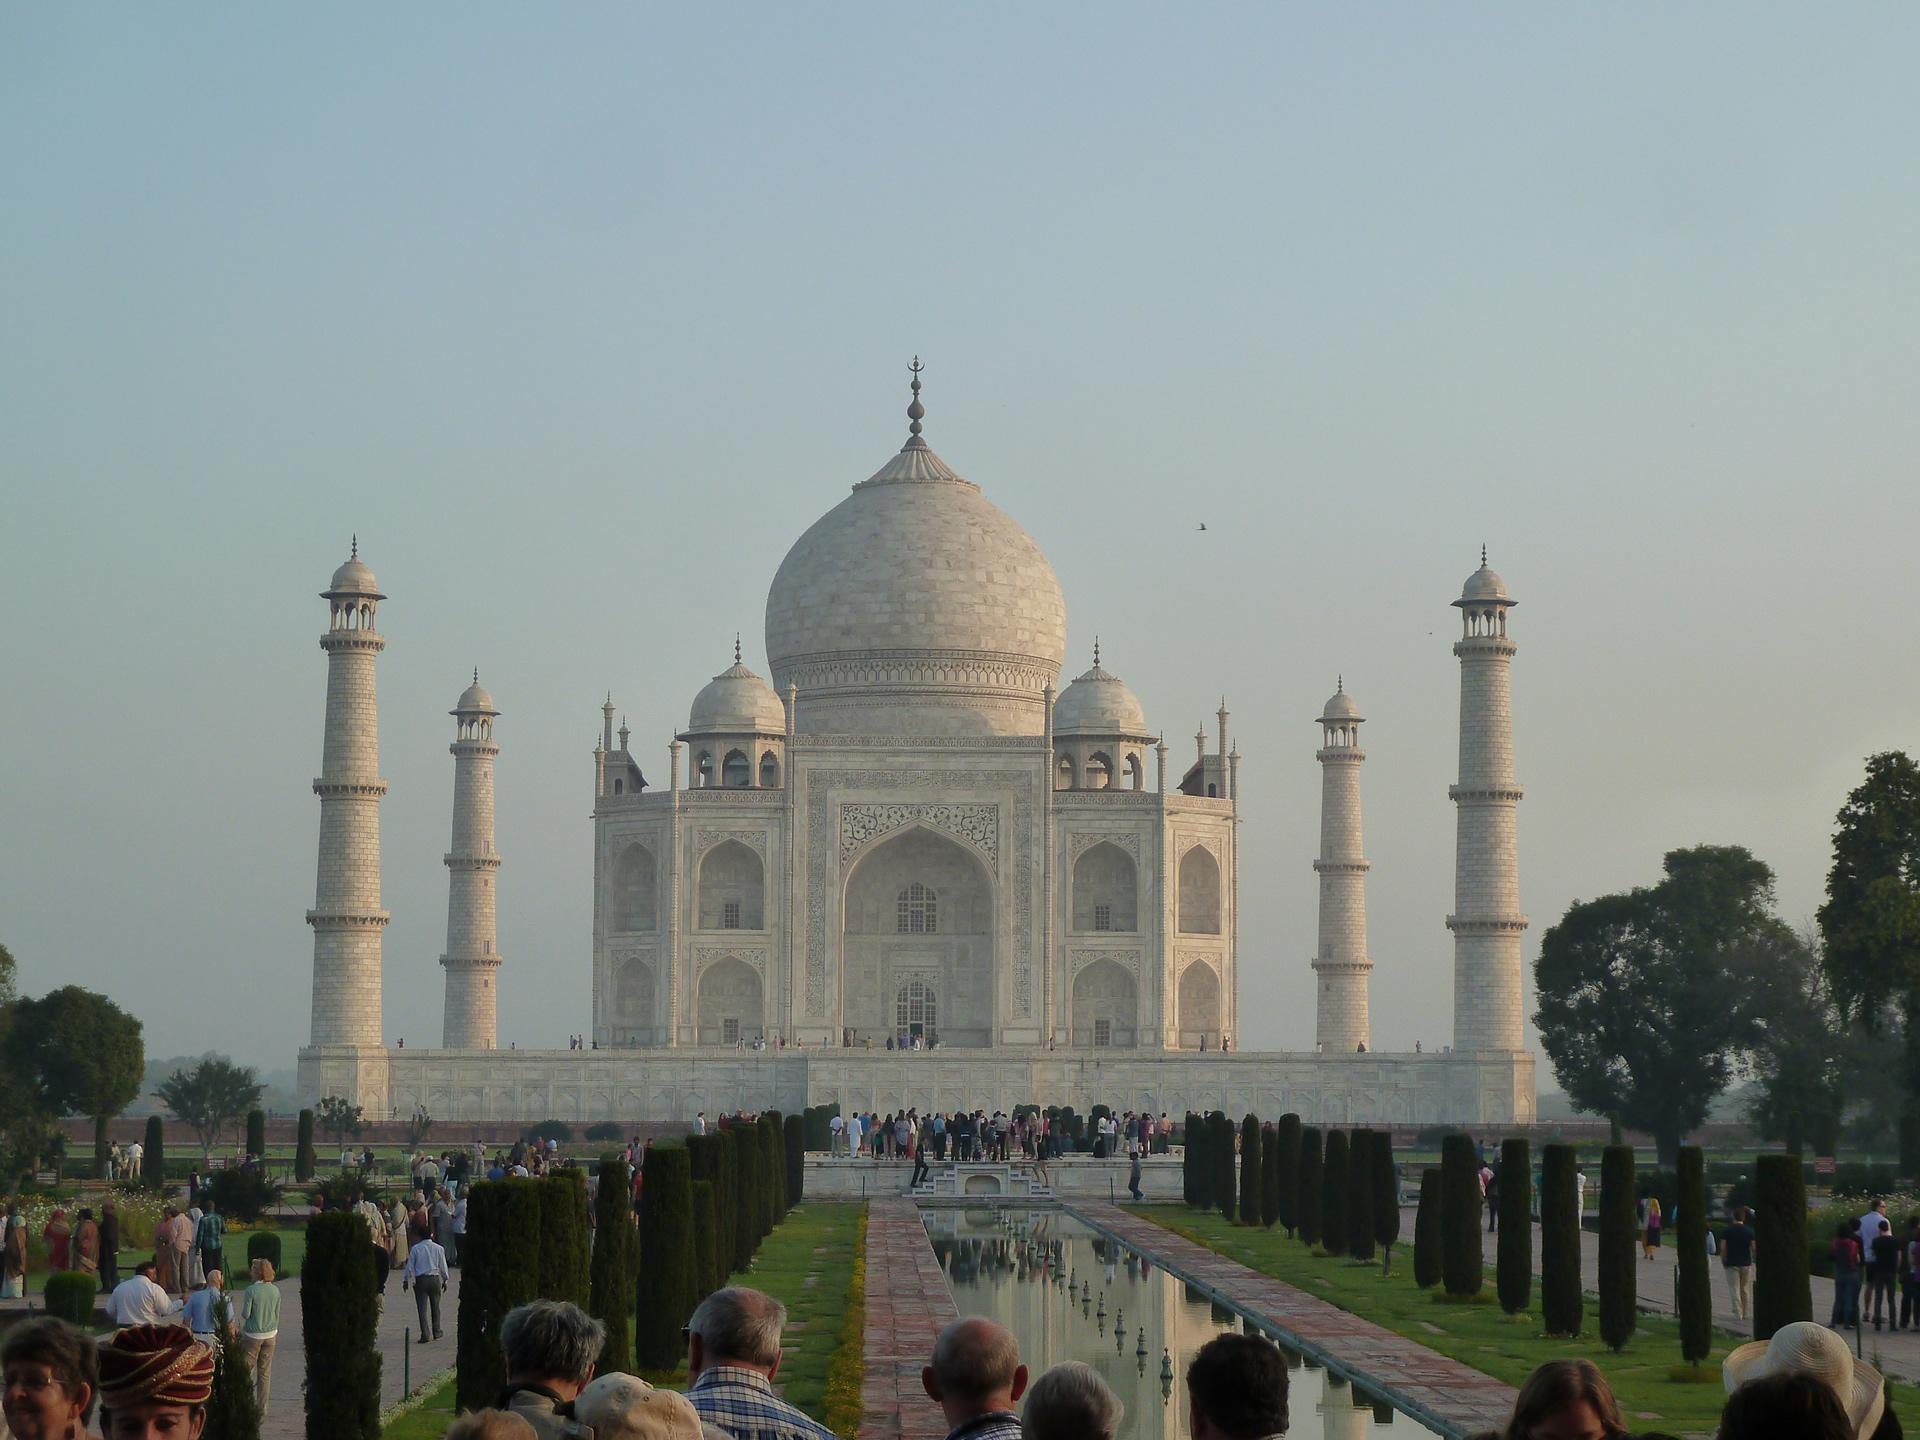 Que hacer y ver en Agra - Taj Mahal